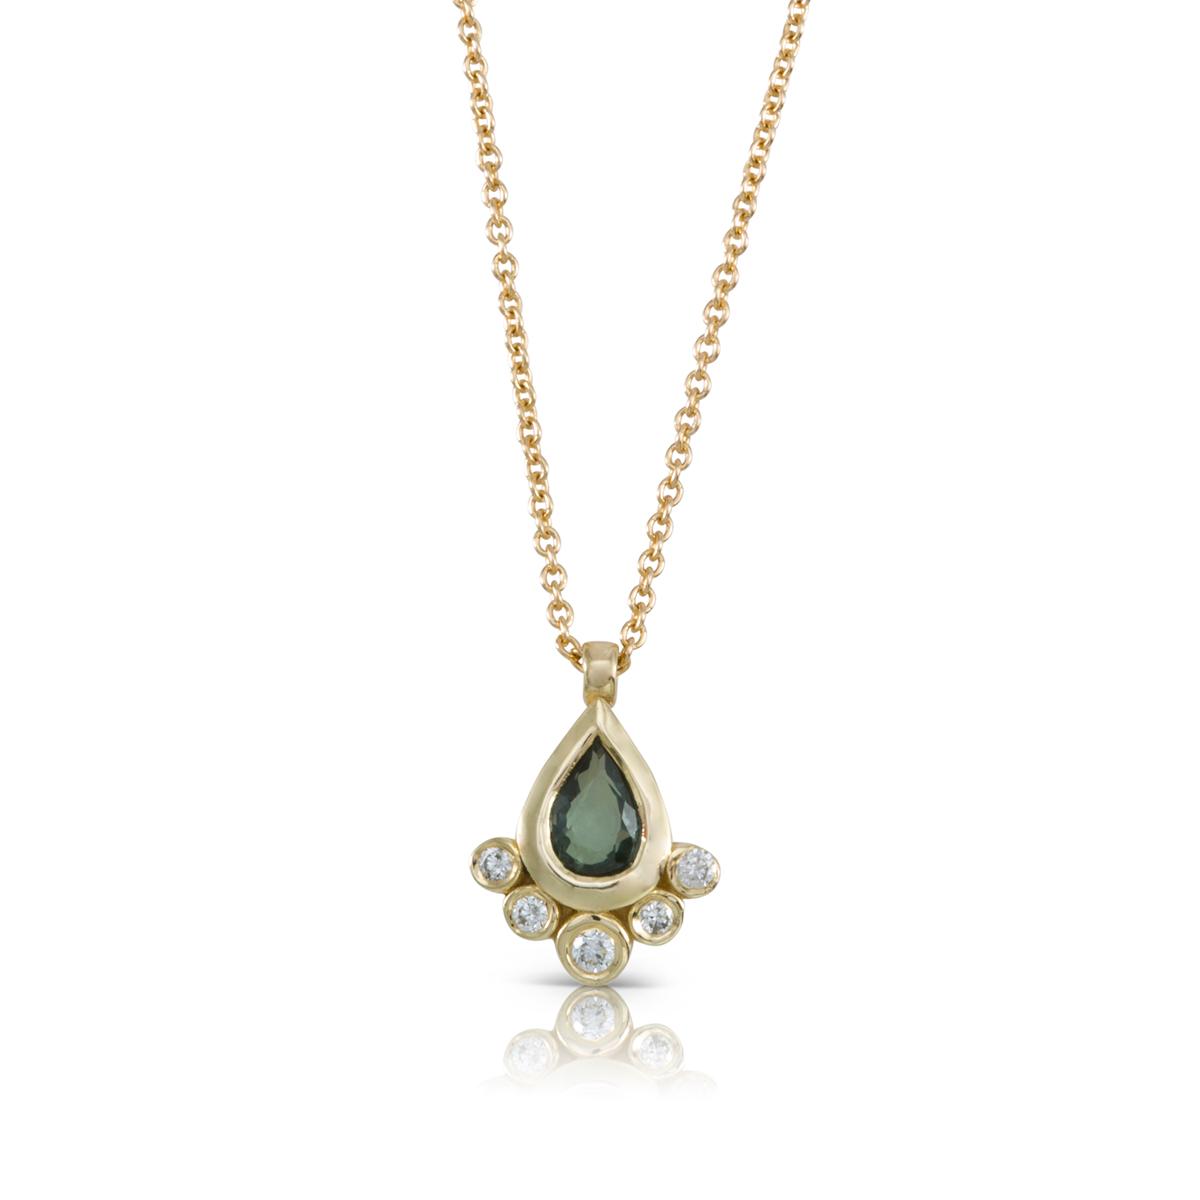 שרשרת זהב משובצת ספיר ירוק בצורת טיפה ויהלומים